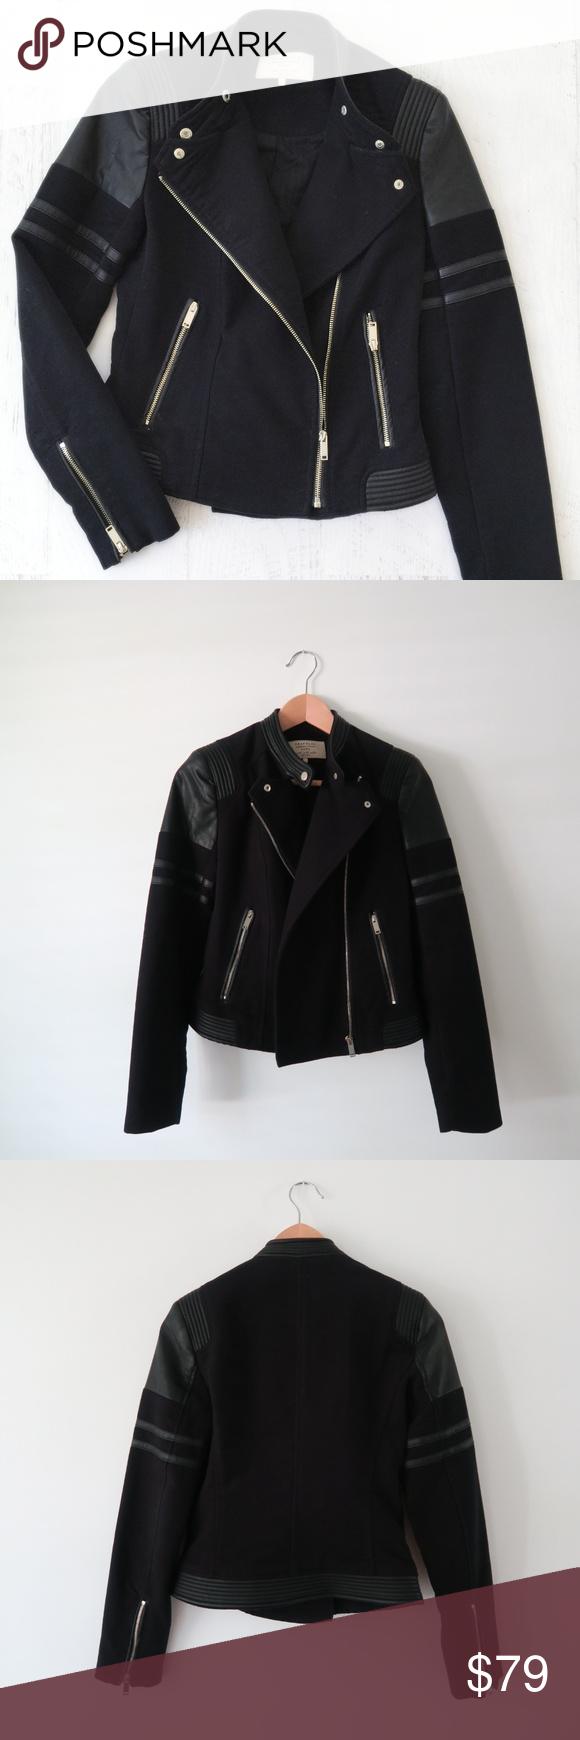 Zara Trafaluc Silver Black Cool Biker Jacket Xs Zara Winter Jacket Coats Jackets Women Outerwear Jackets [ 1740 x 580 Pixel ]